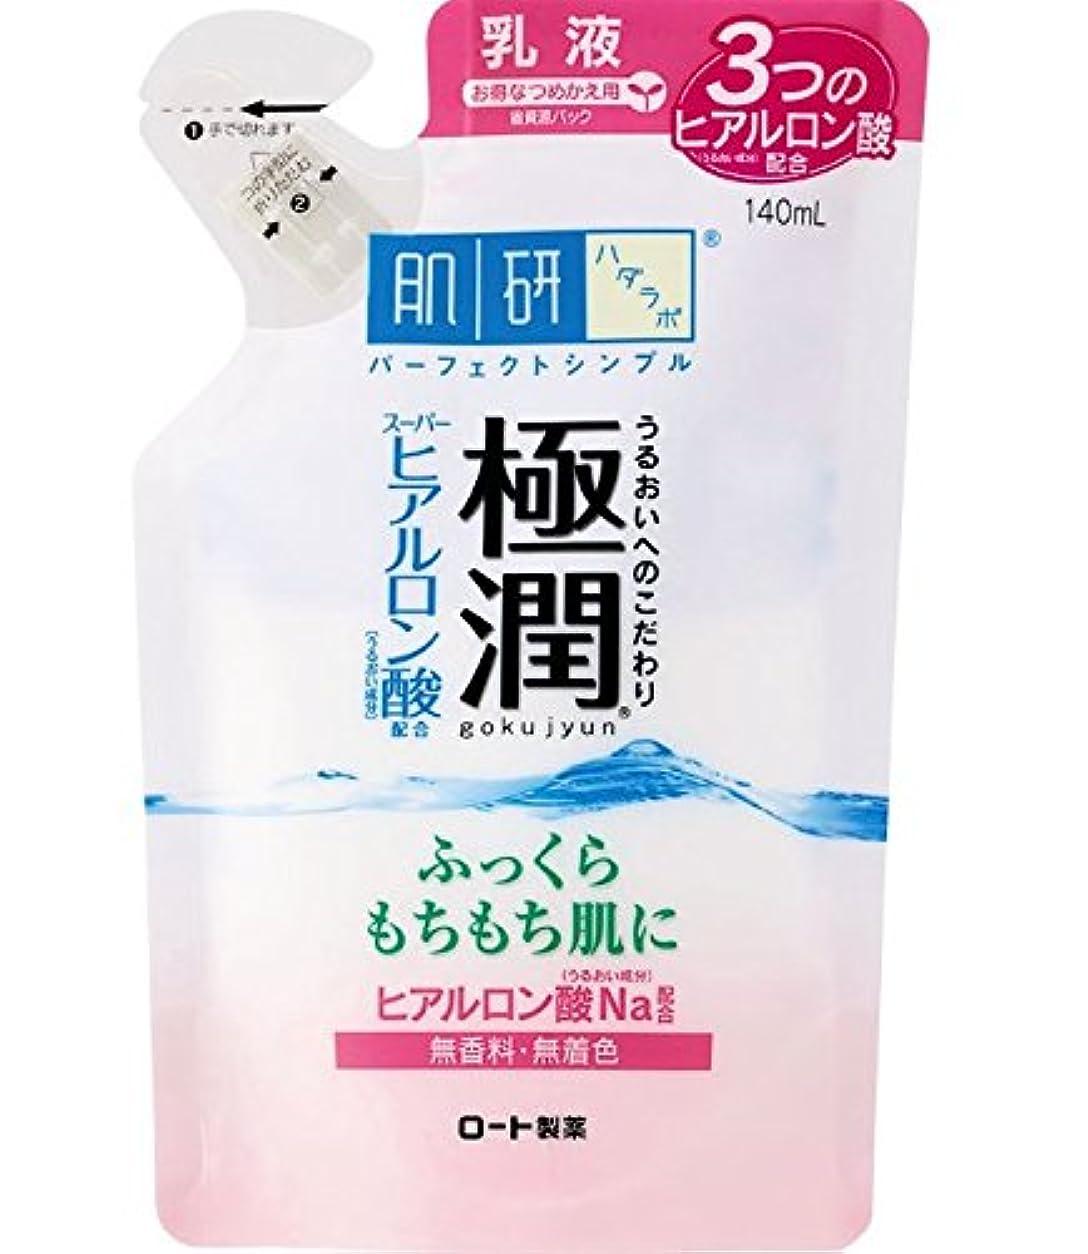 フラッシュのように素早くティーム薬局肌研 極潤 ヒアルロン乳液 つめかえ用 140mL